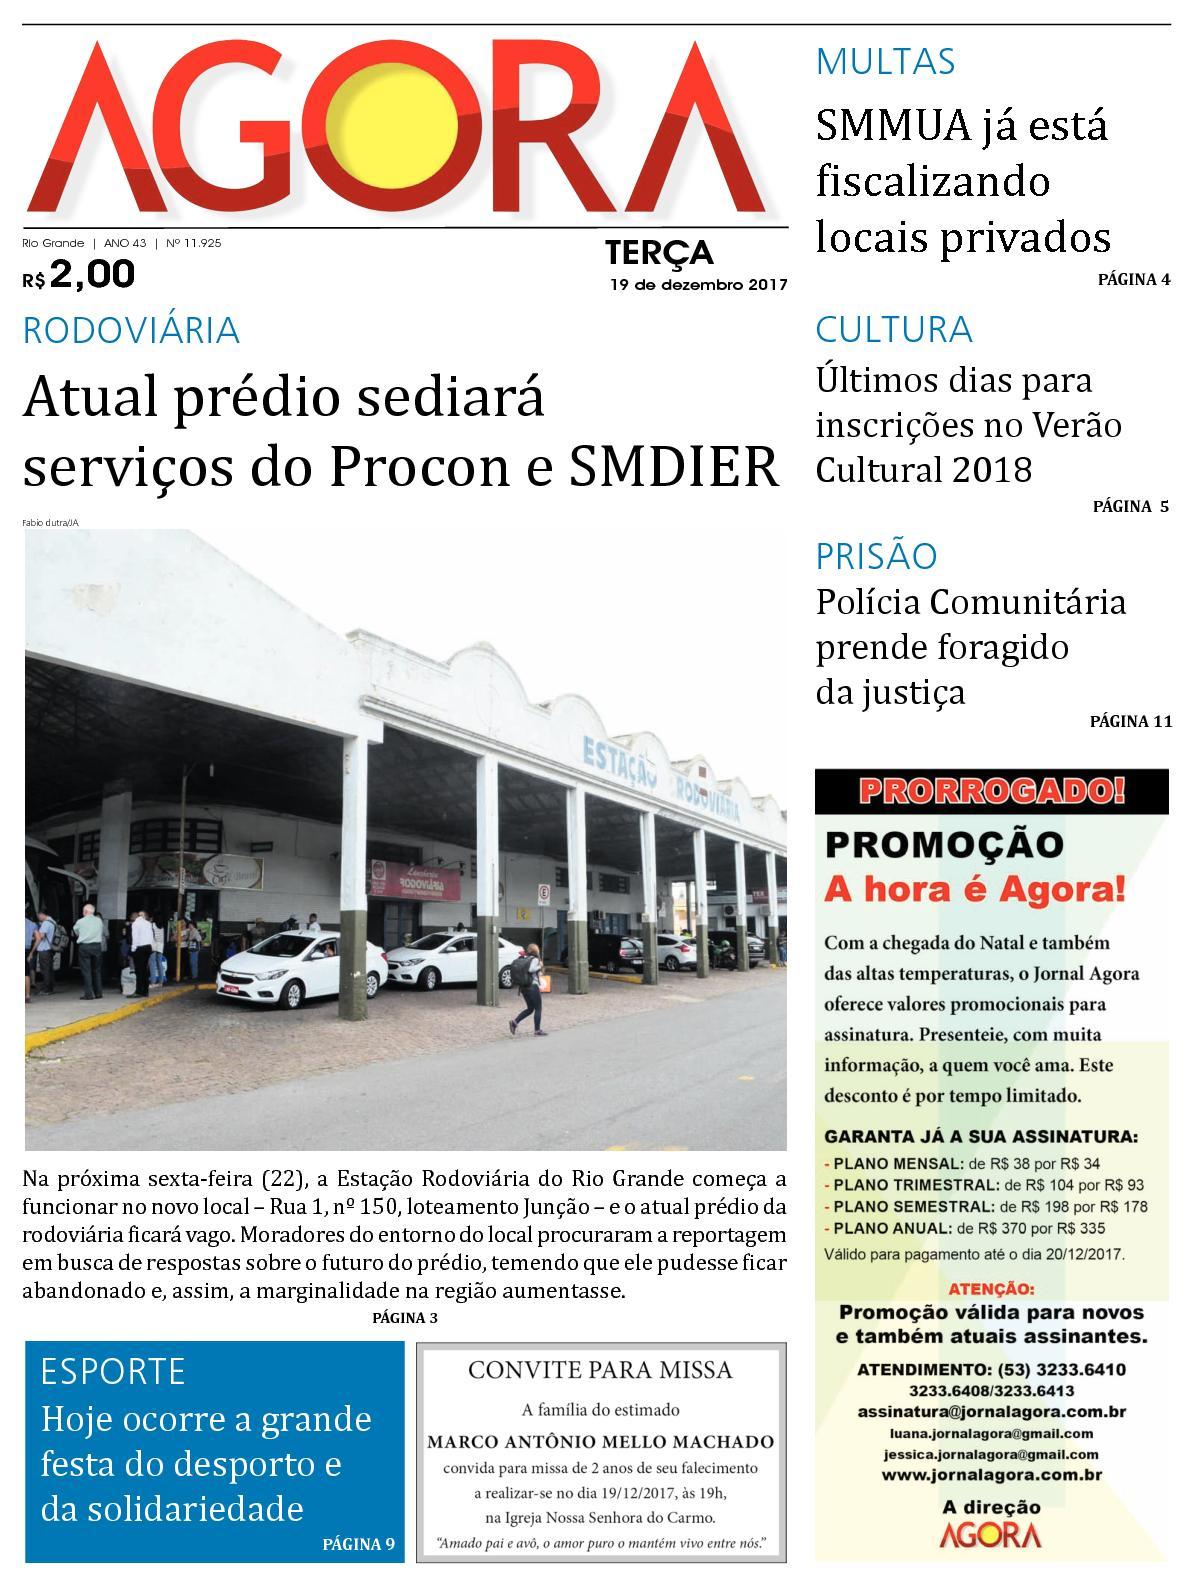 Calaméo - Jornal Agora - Edição 11925 - 19 de Dezembro de 2017 17d2b8993517f